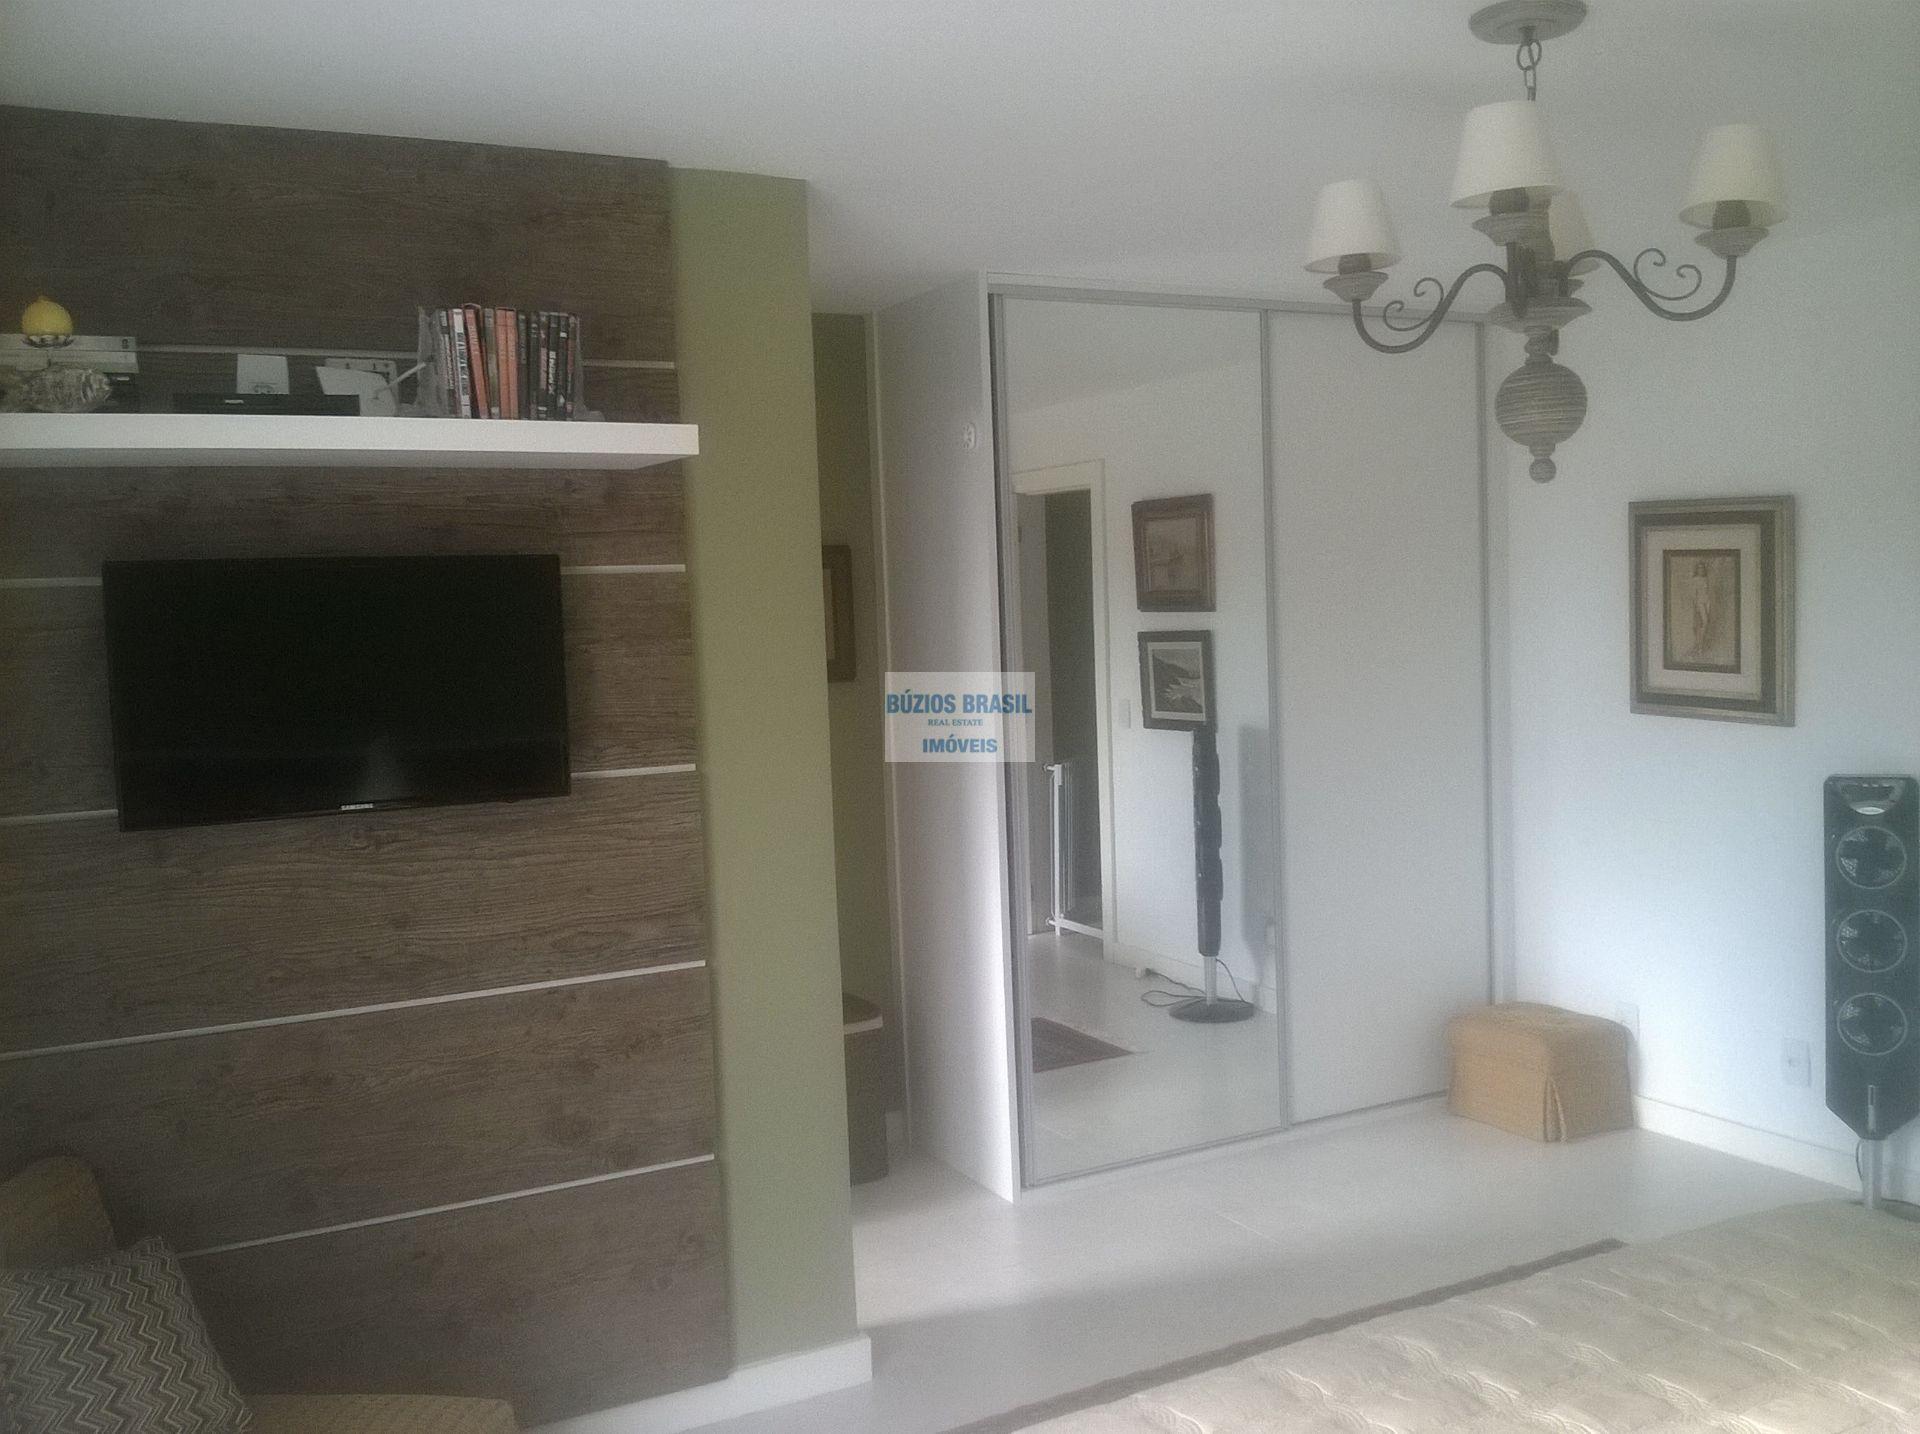 Casa em Condomínio para alugar Avenida José Bento Ribeiro Dantas,centro, Armação dos Búzios - LTC6 - 27